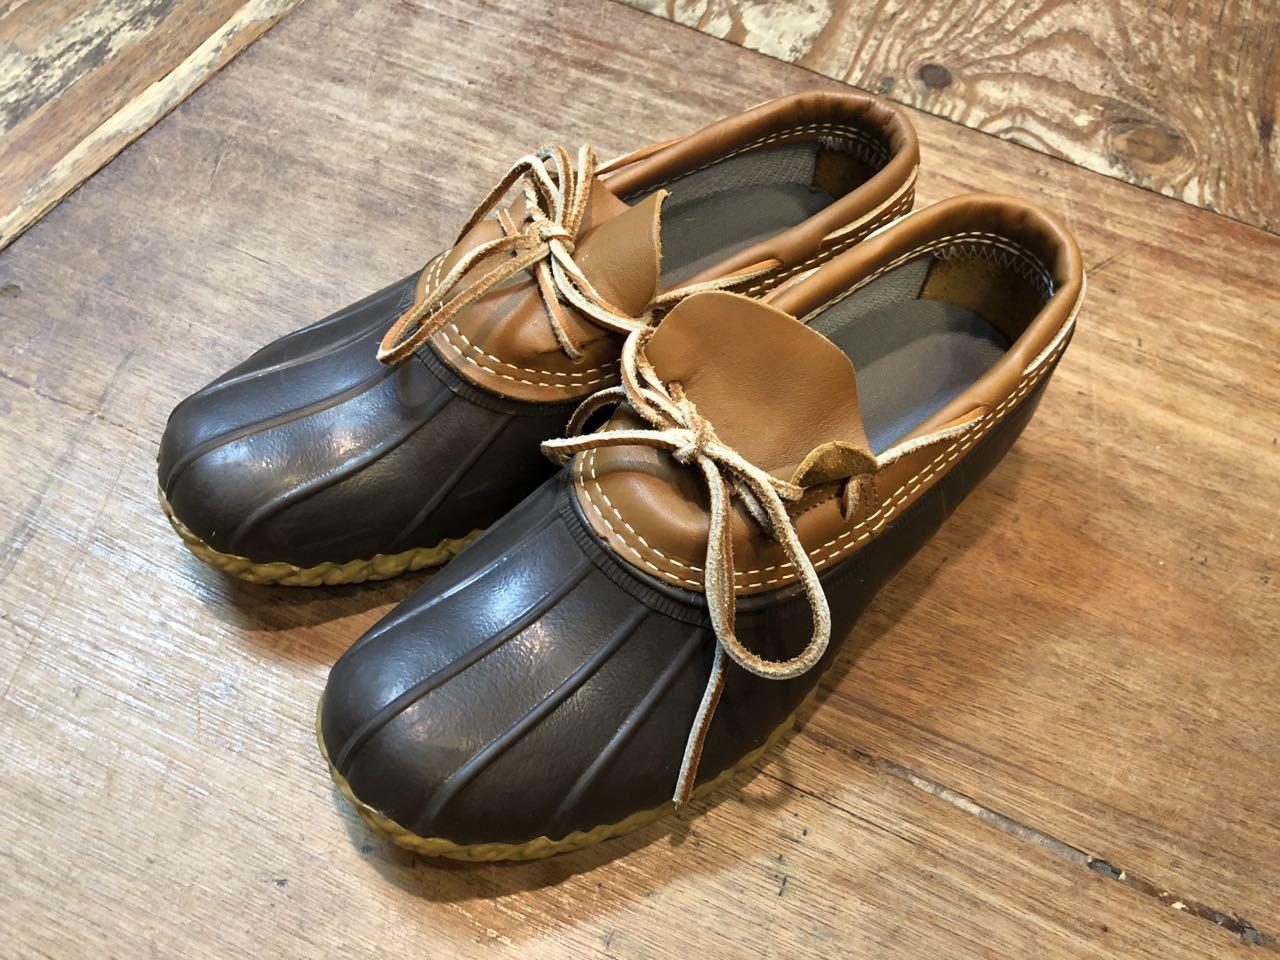 11月30日(土)入荷!! L.L Bean Bean boots !!_c0144020_13485924.jpg